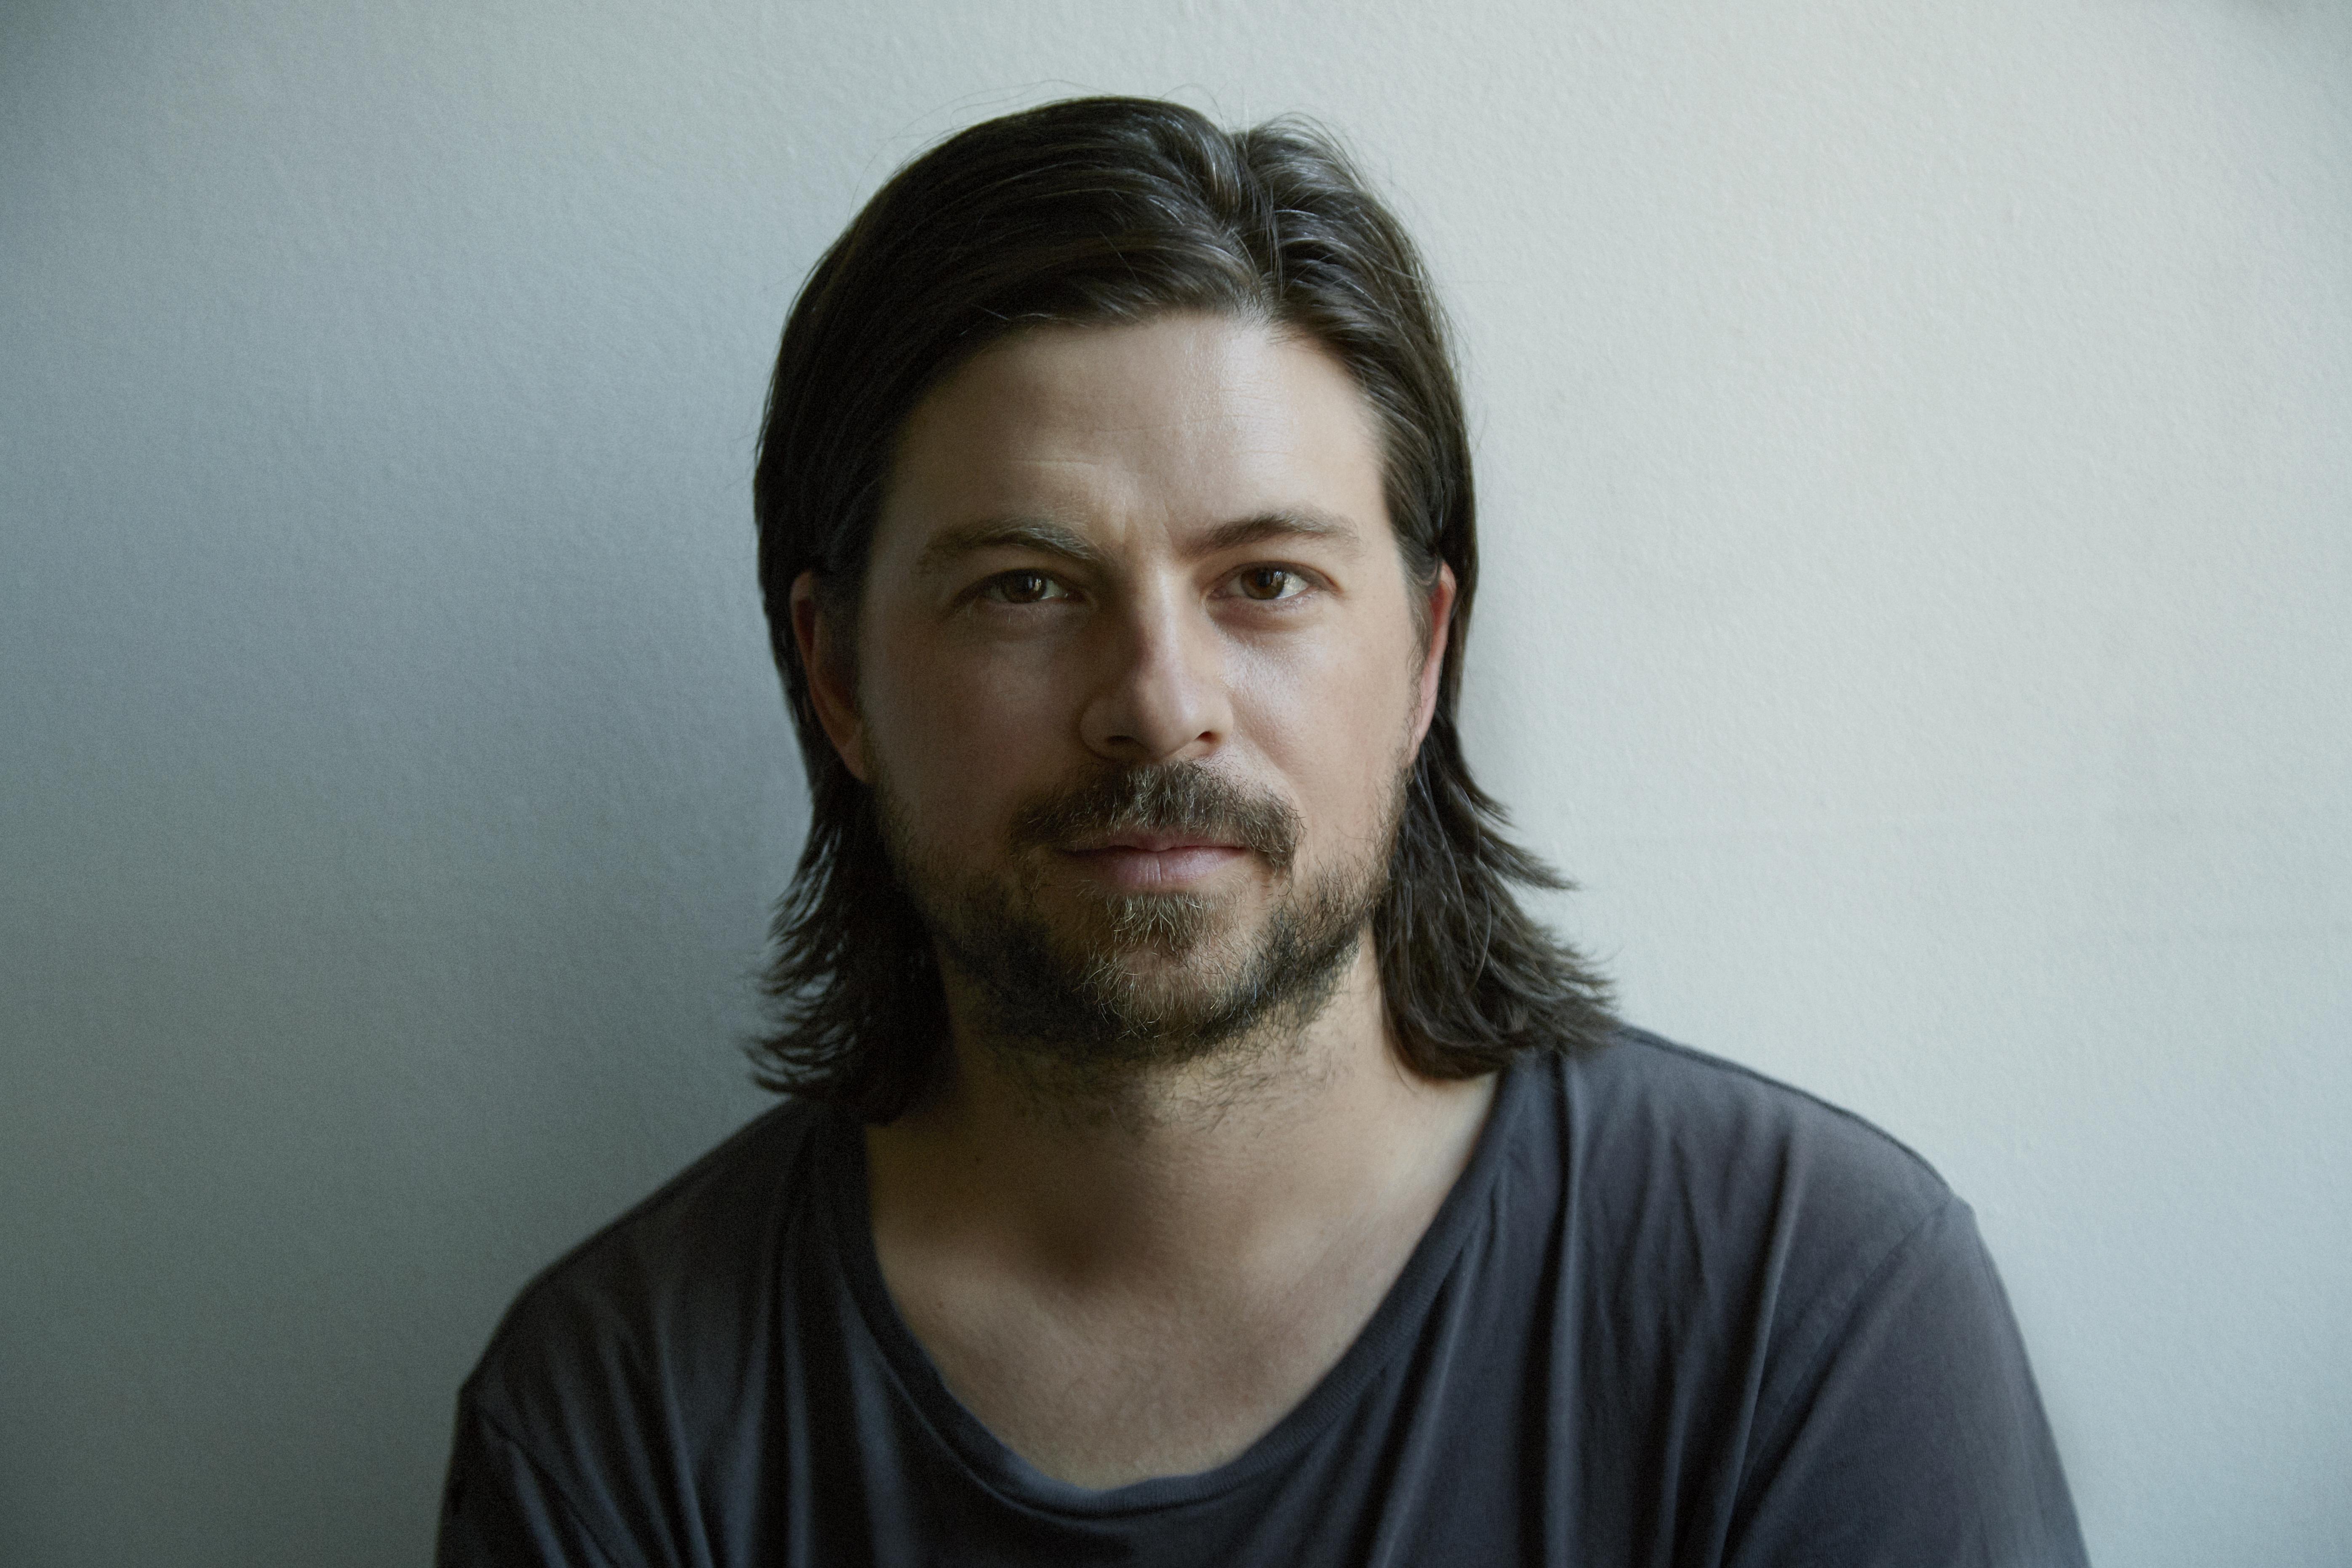 michael-casker-headshot-repheads-videographer-filmmaker-photographer